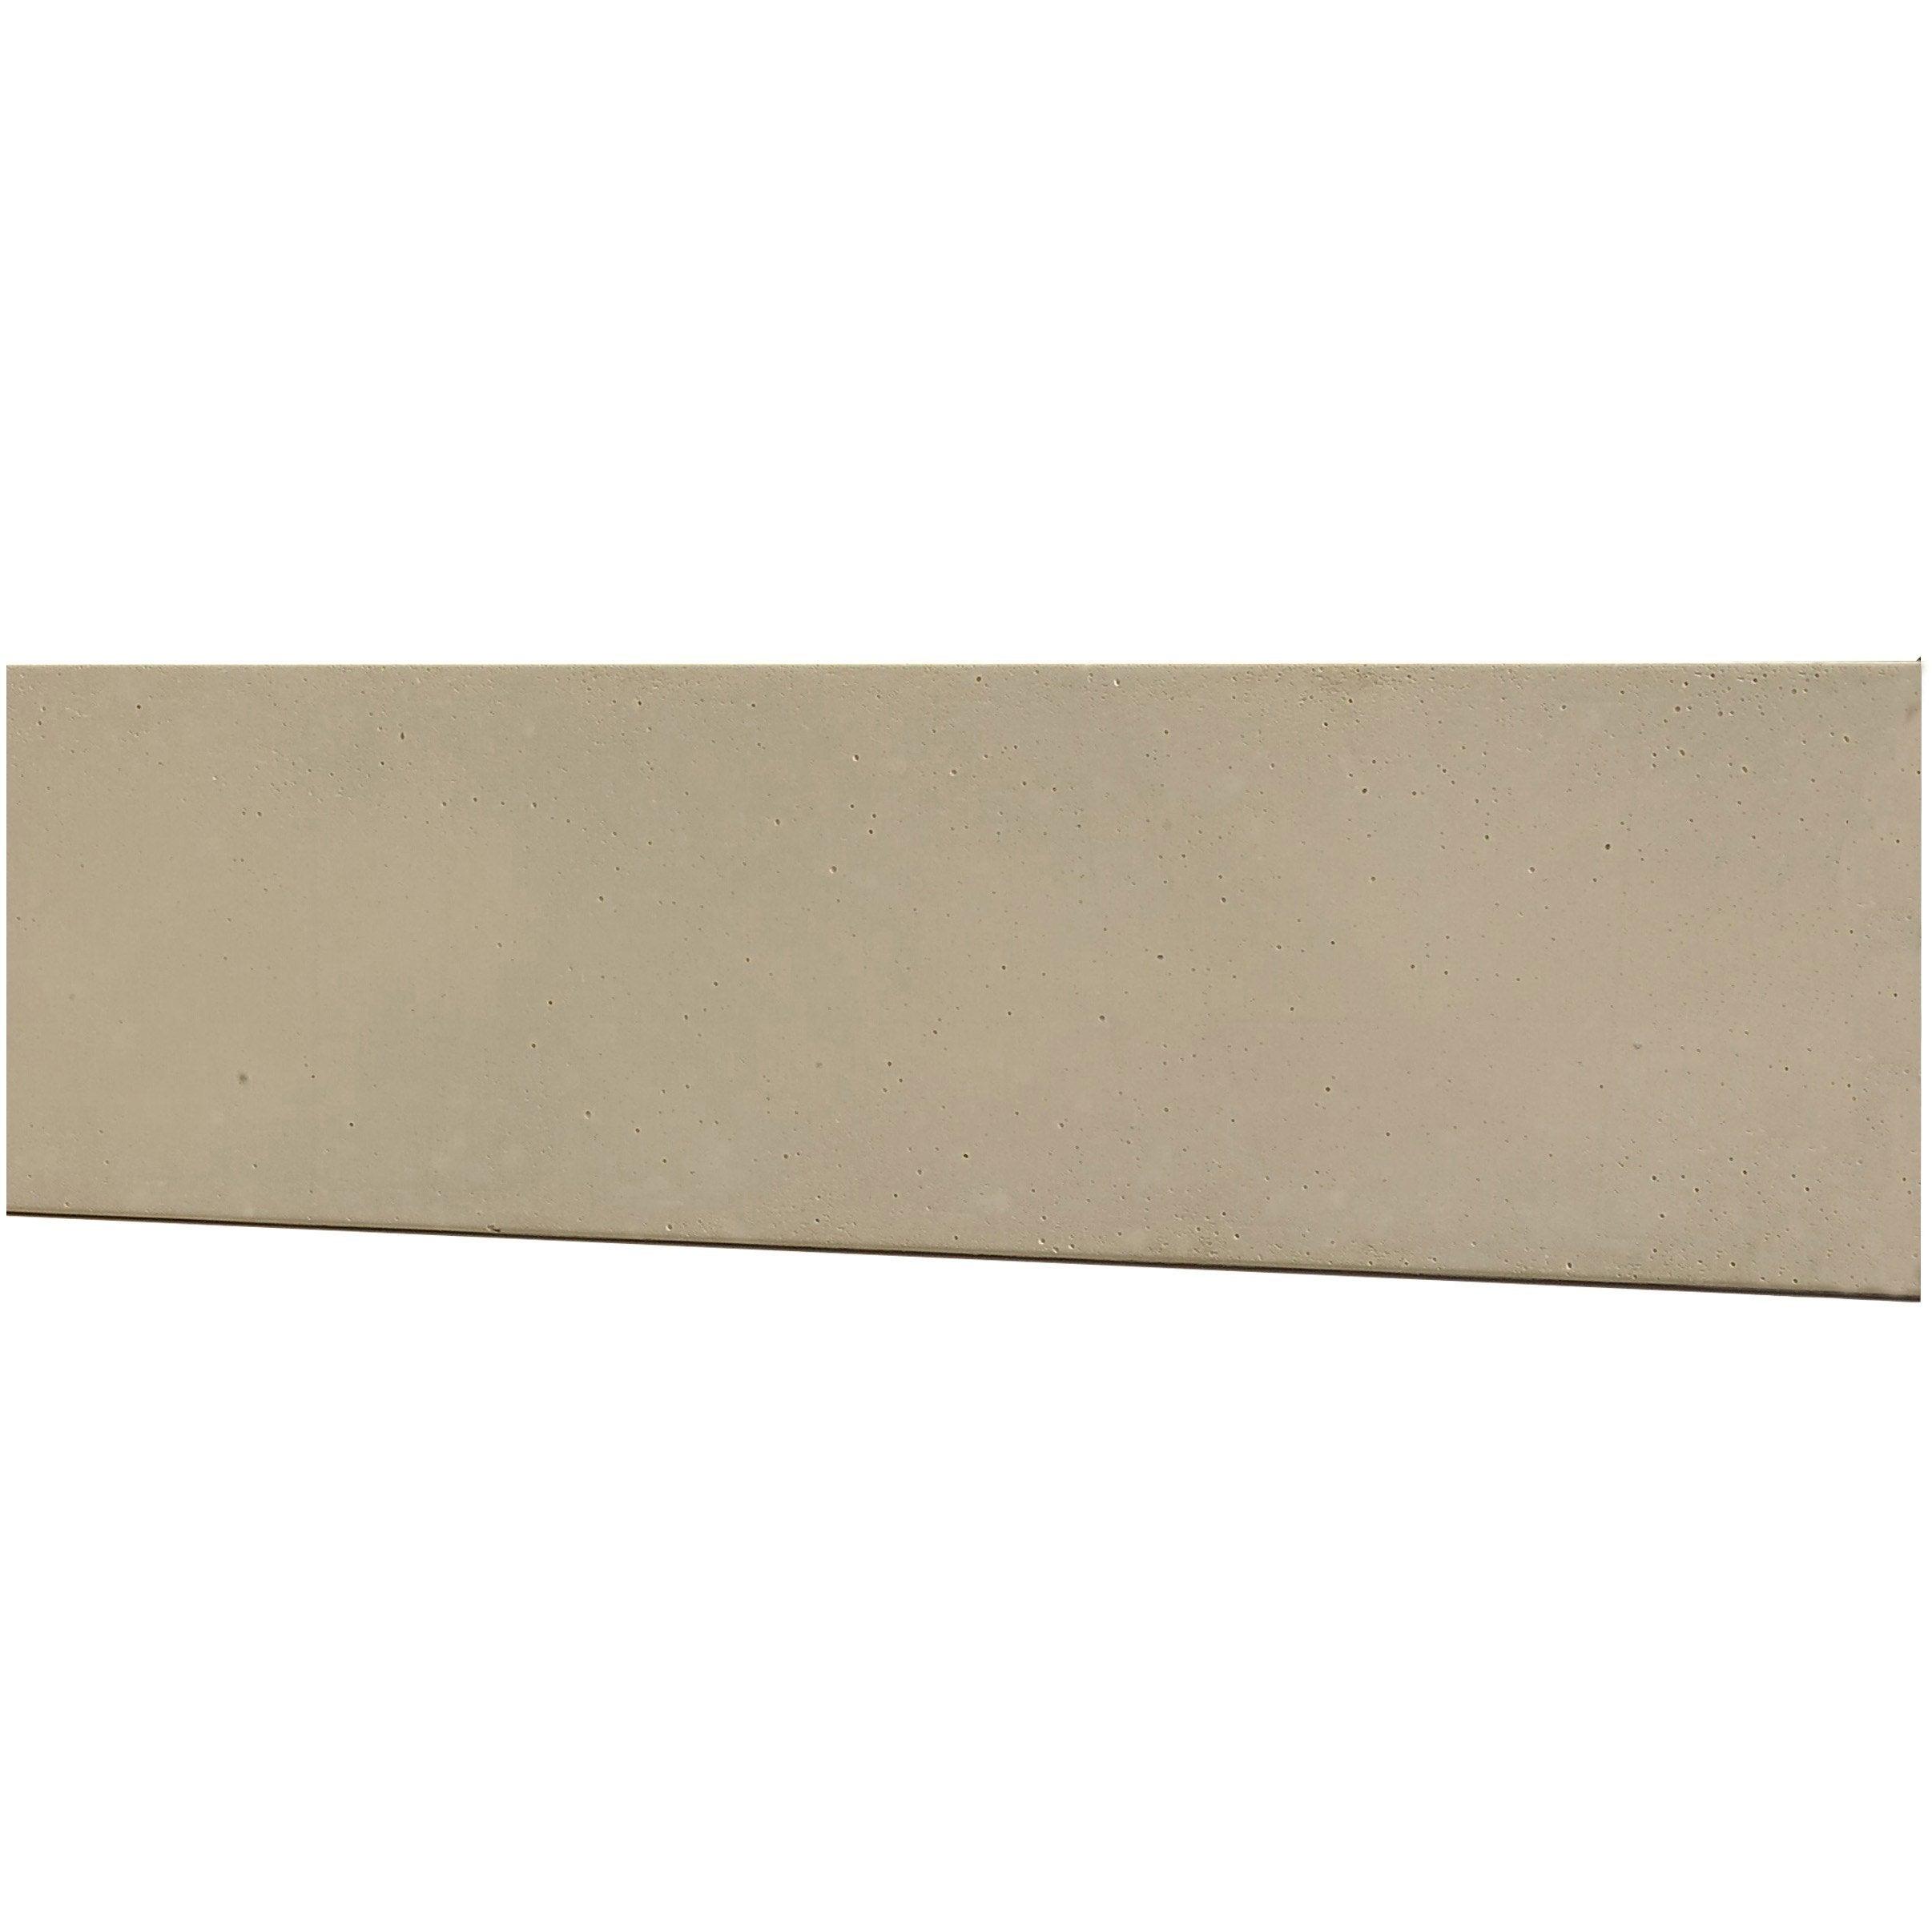 Plaque Beton Cloture Leroy Merlin plaque pour clôture droite en béton pleine, l.192 x h.50 cm